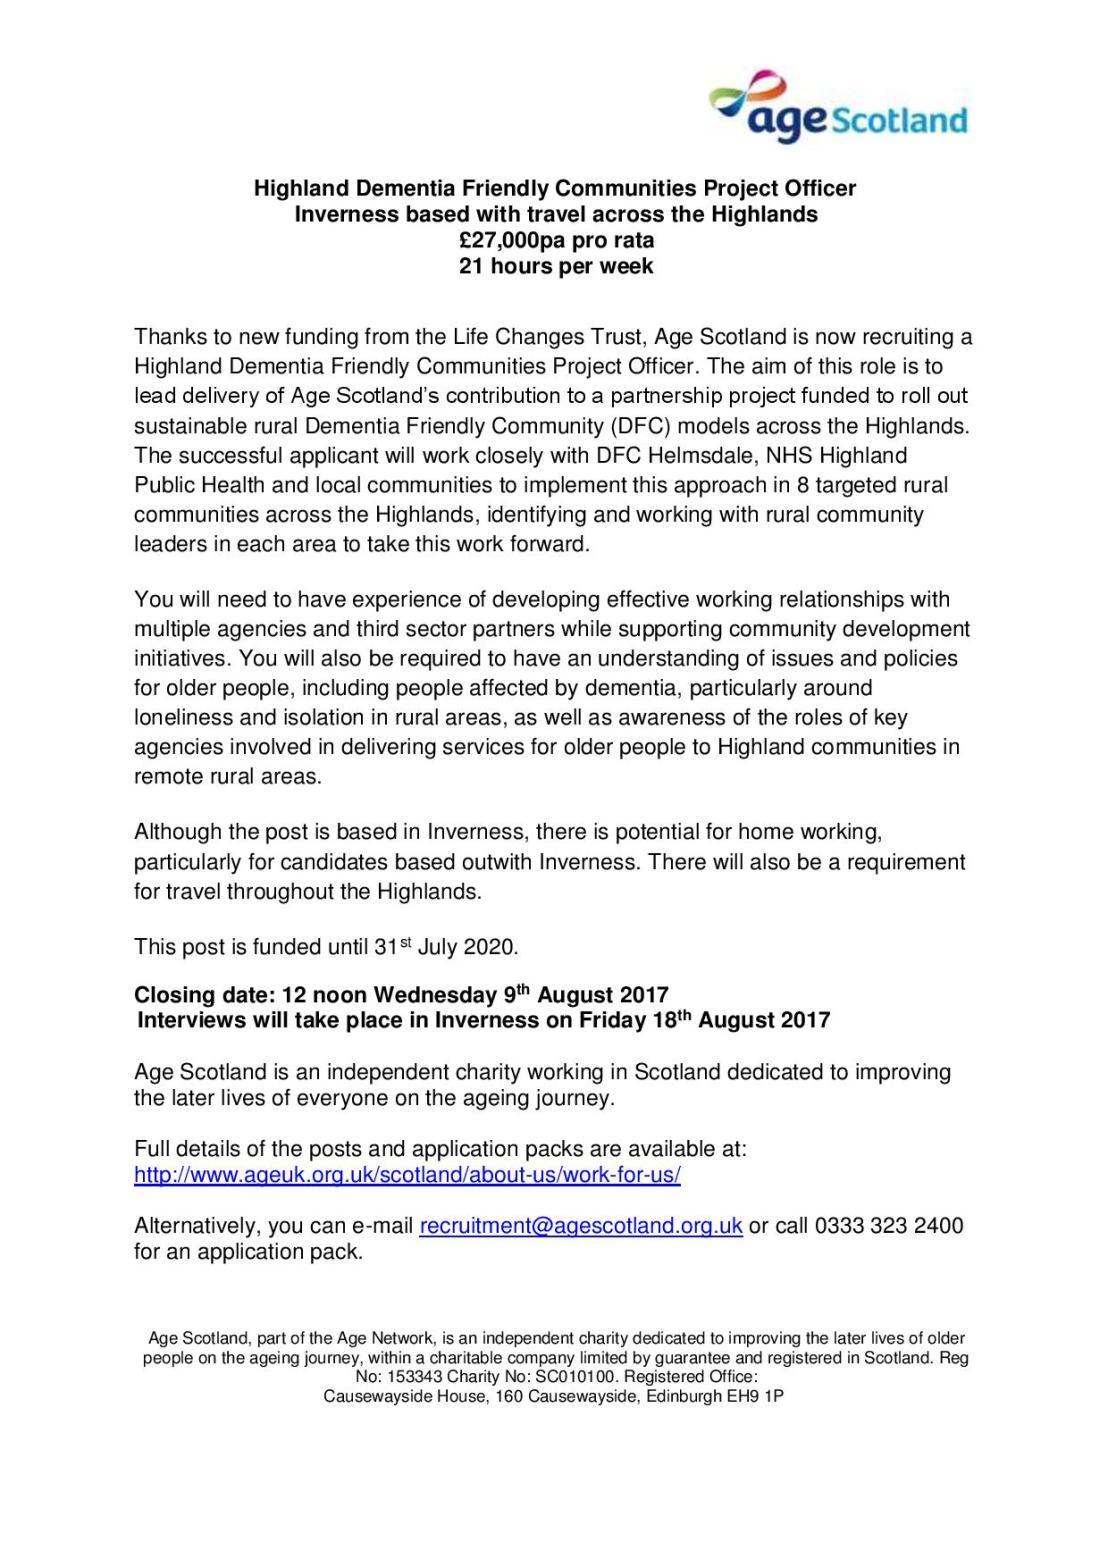 Highland Dementia Friendly Communities Advert.jpg